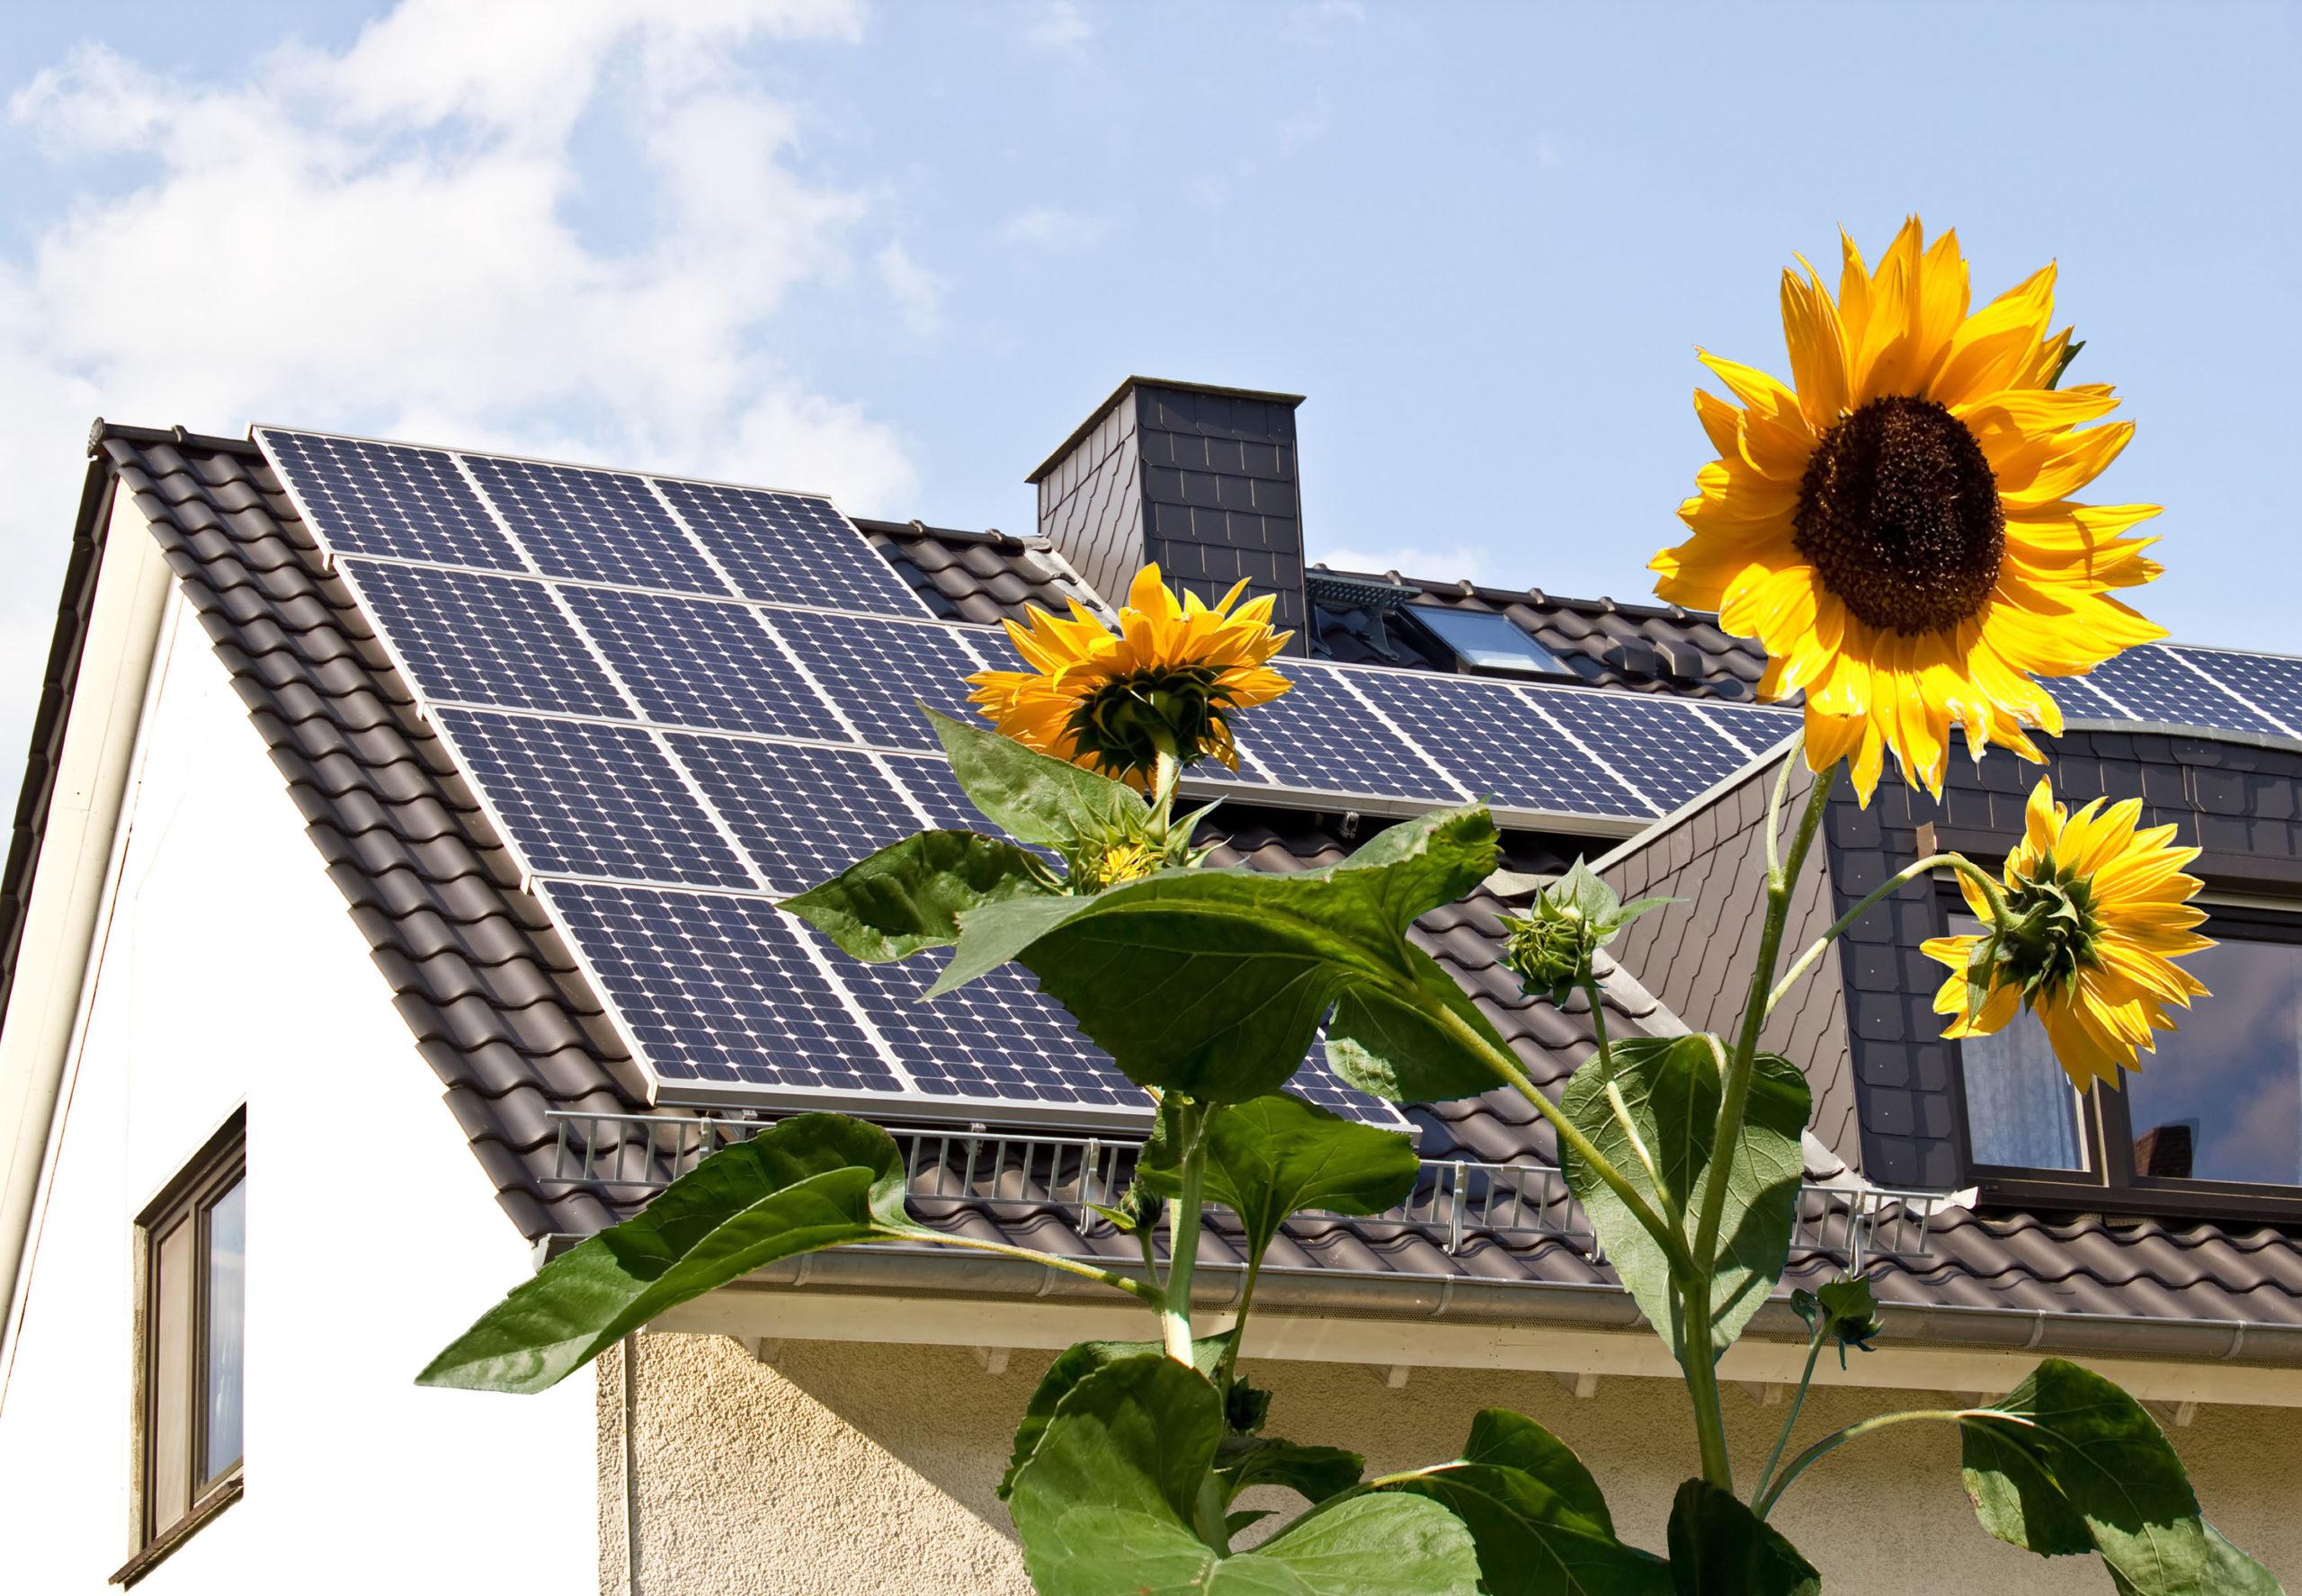 Für Photovoltaik ist fast überall Platz